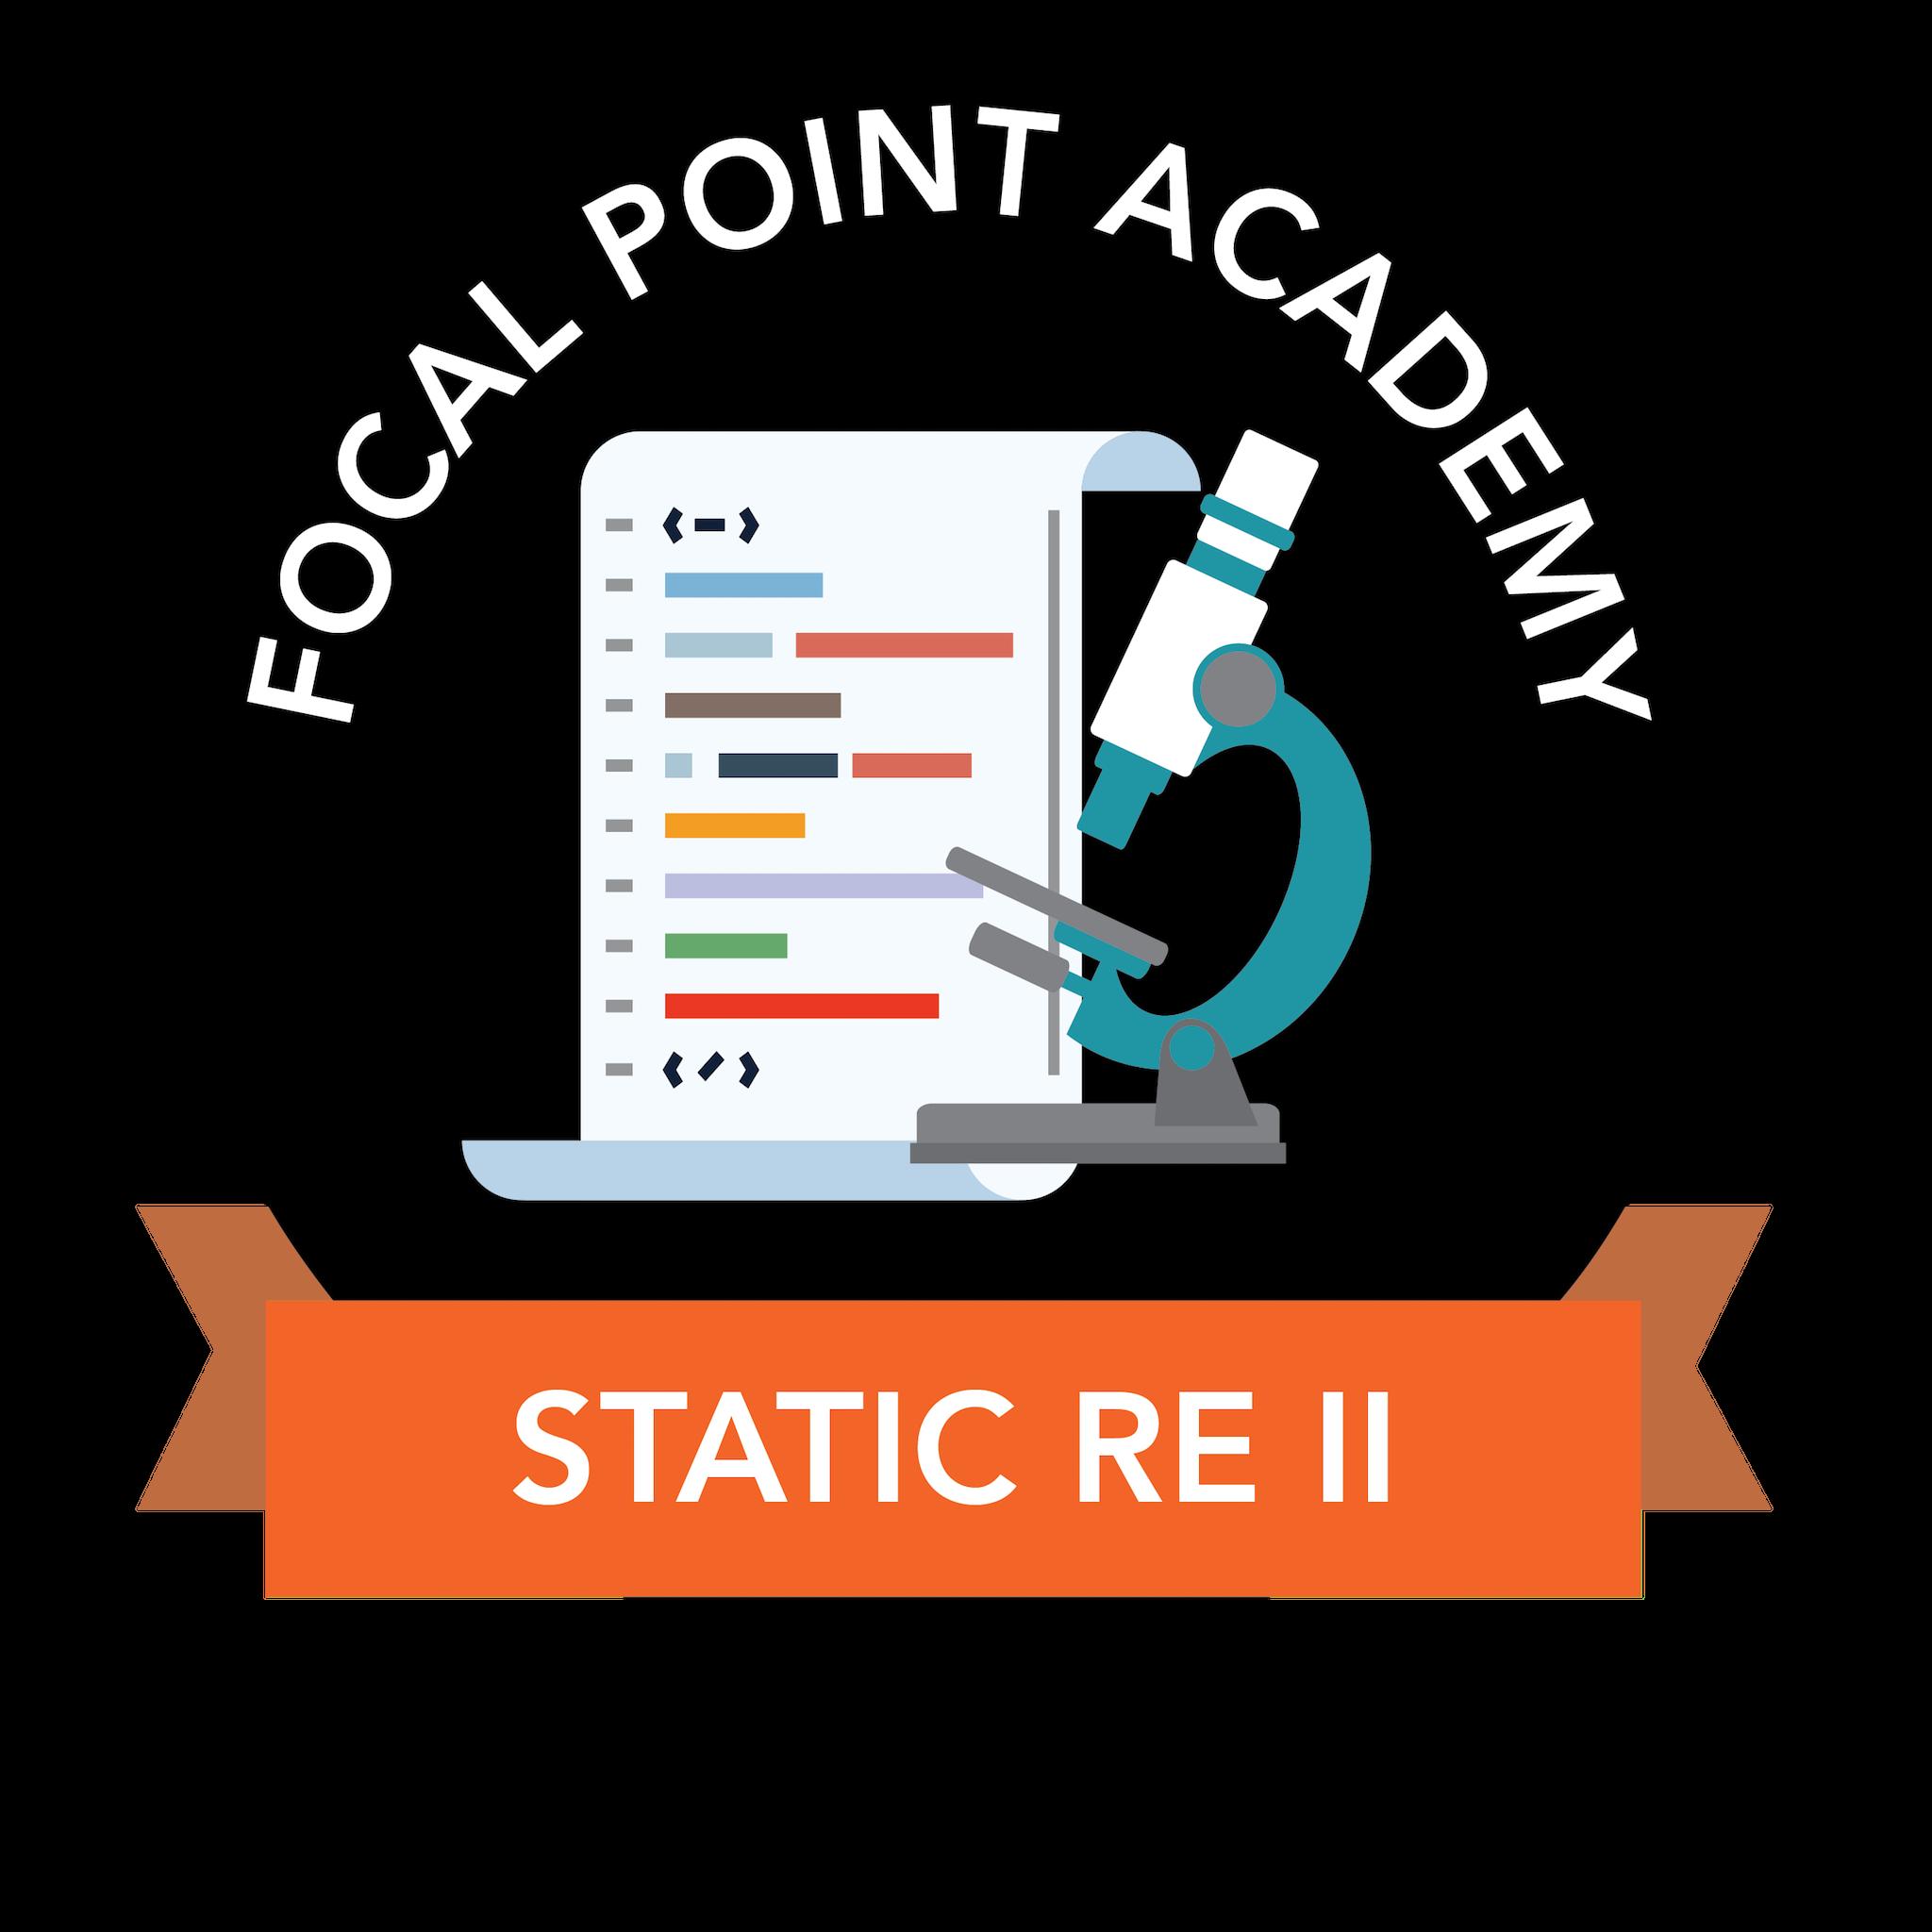 Static Reverse Engineering II